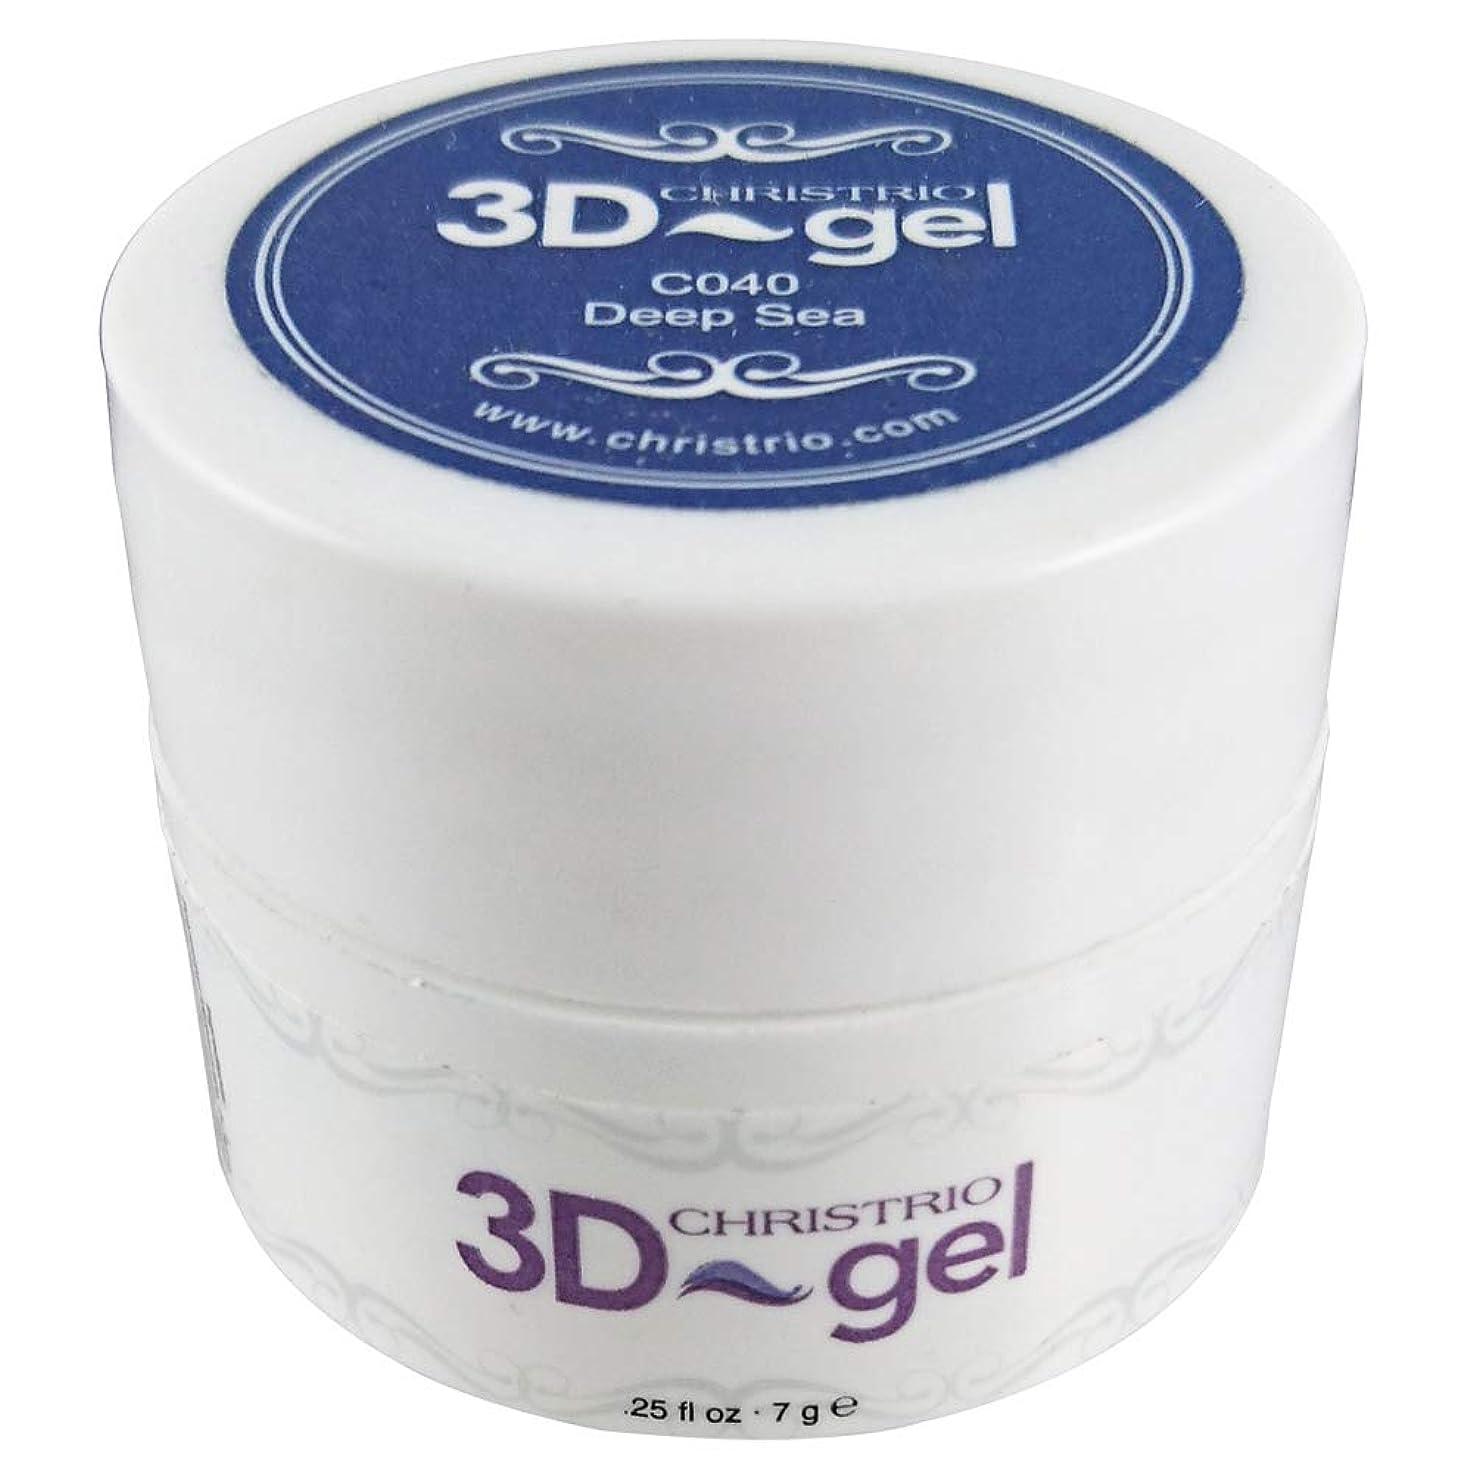 こんにちは氏パターンCHRISTRIO 3Dジェル 7g C040 ディープシー